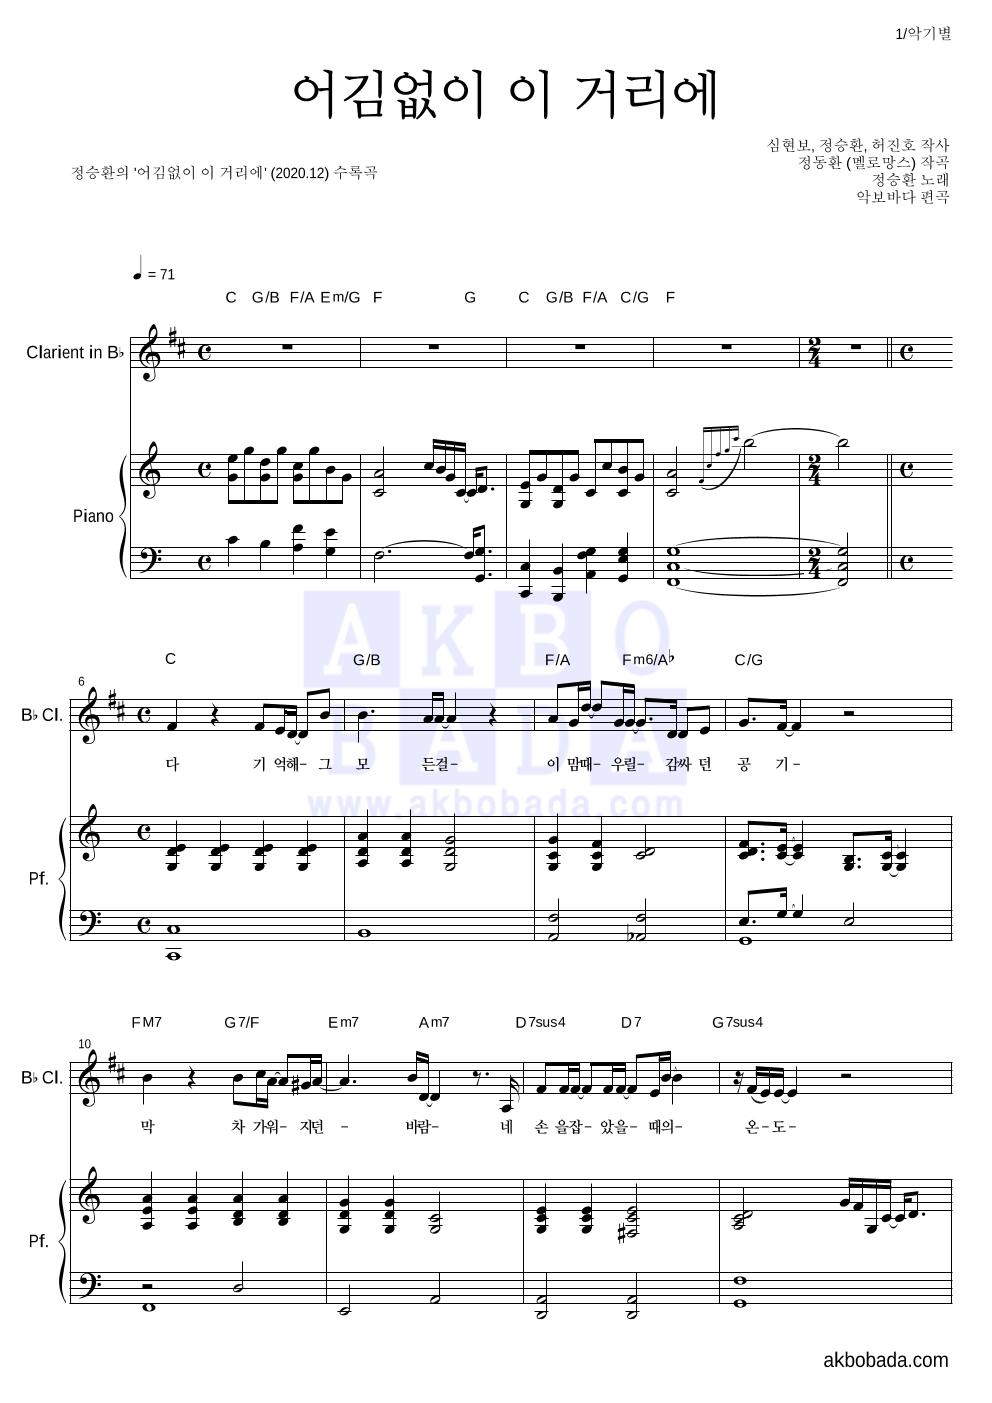 정승환 - 어김없이 이 거리에 클라리넷&피아노 악보